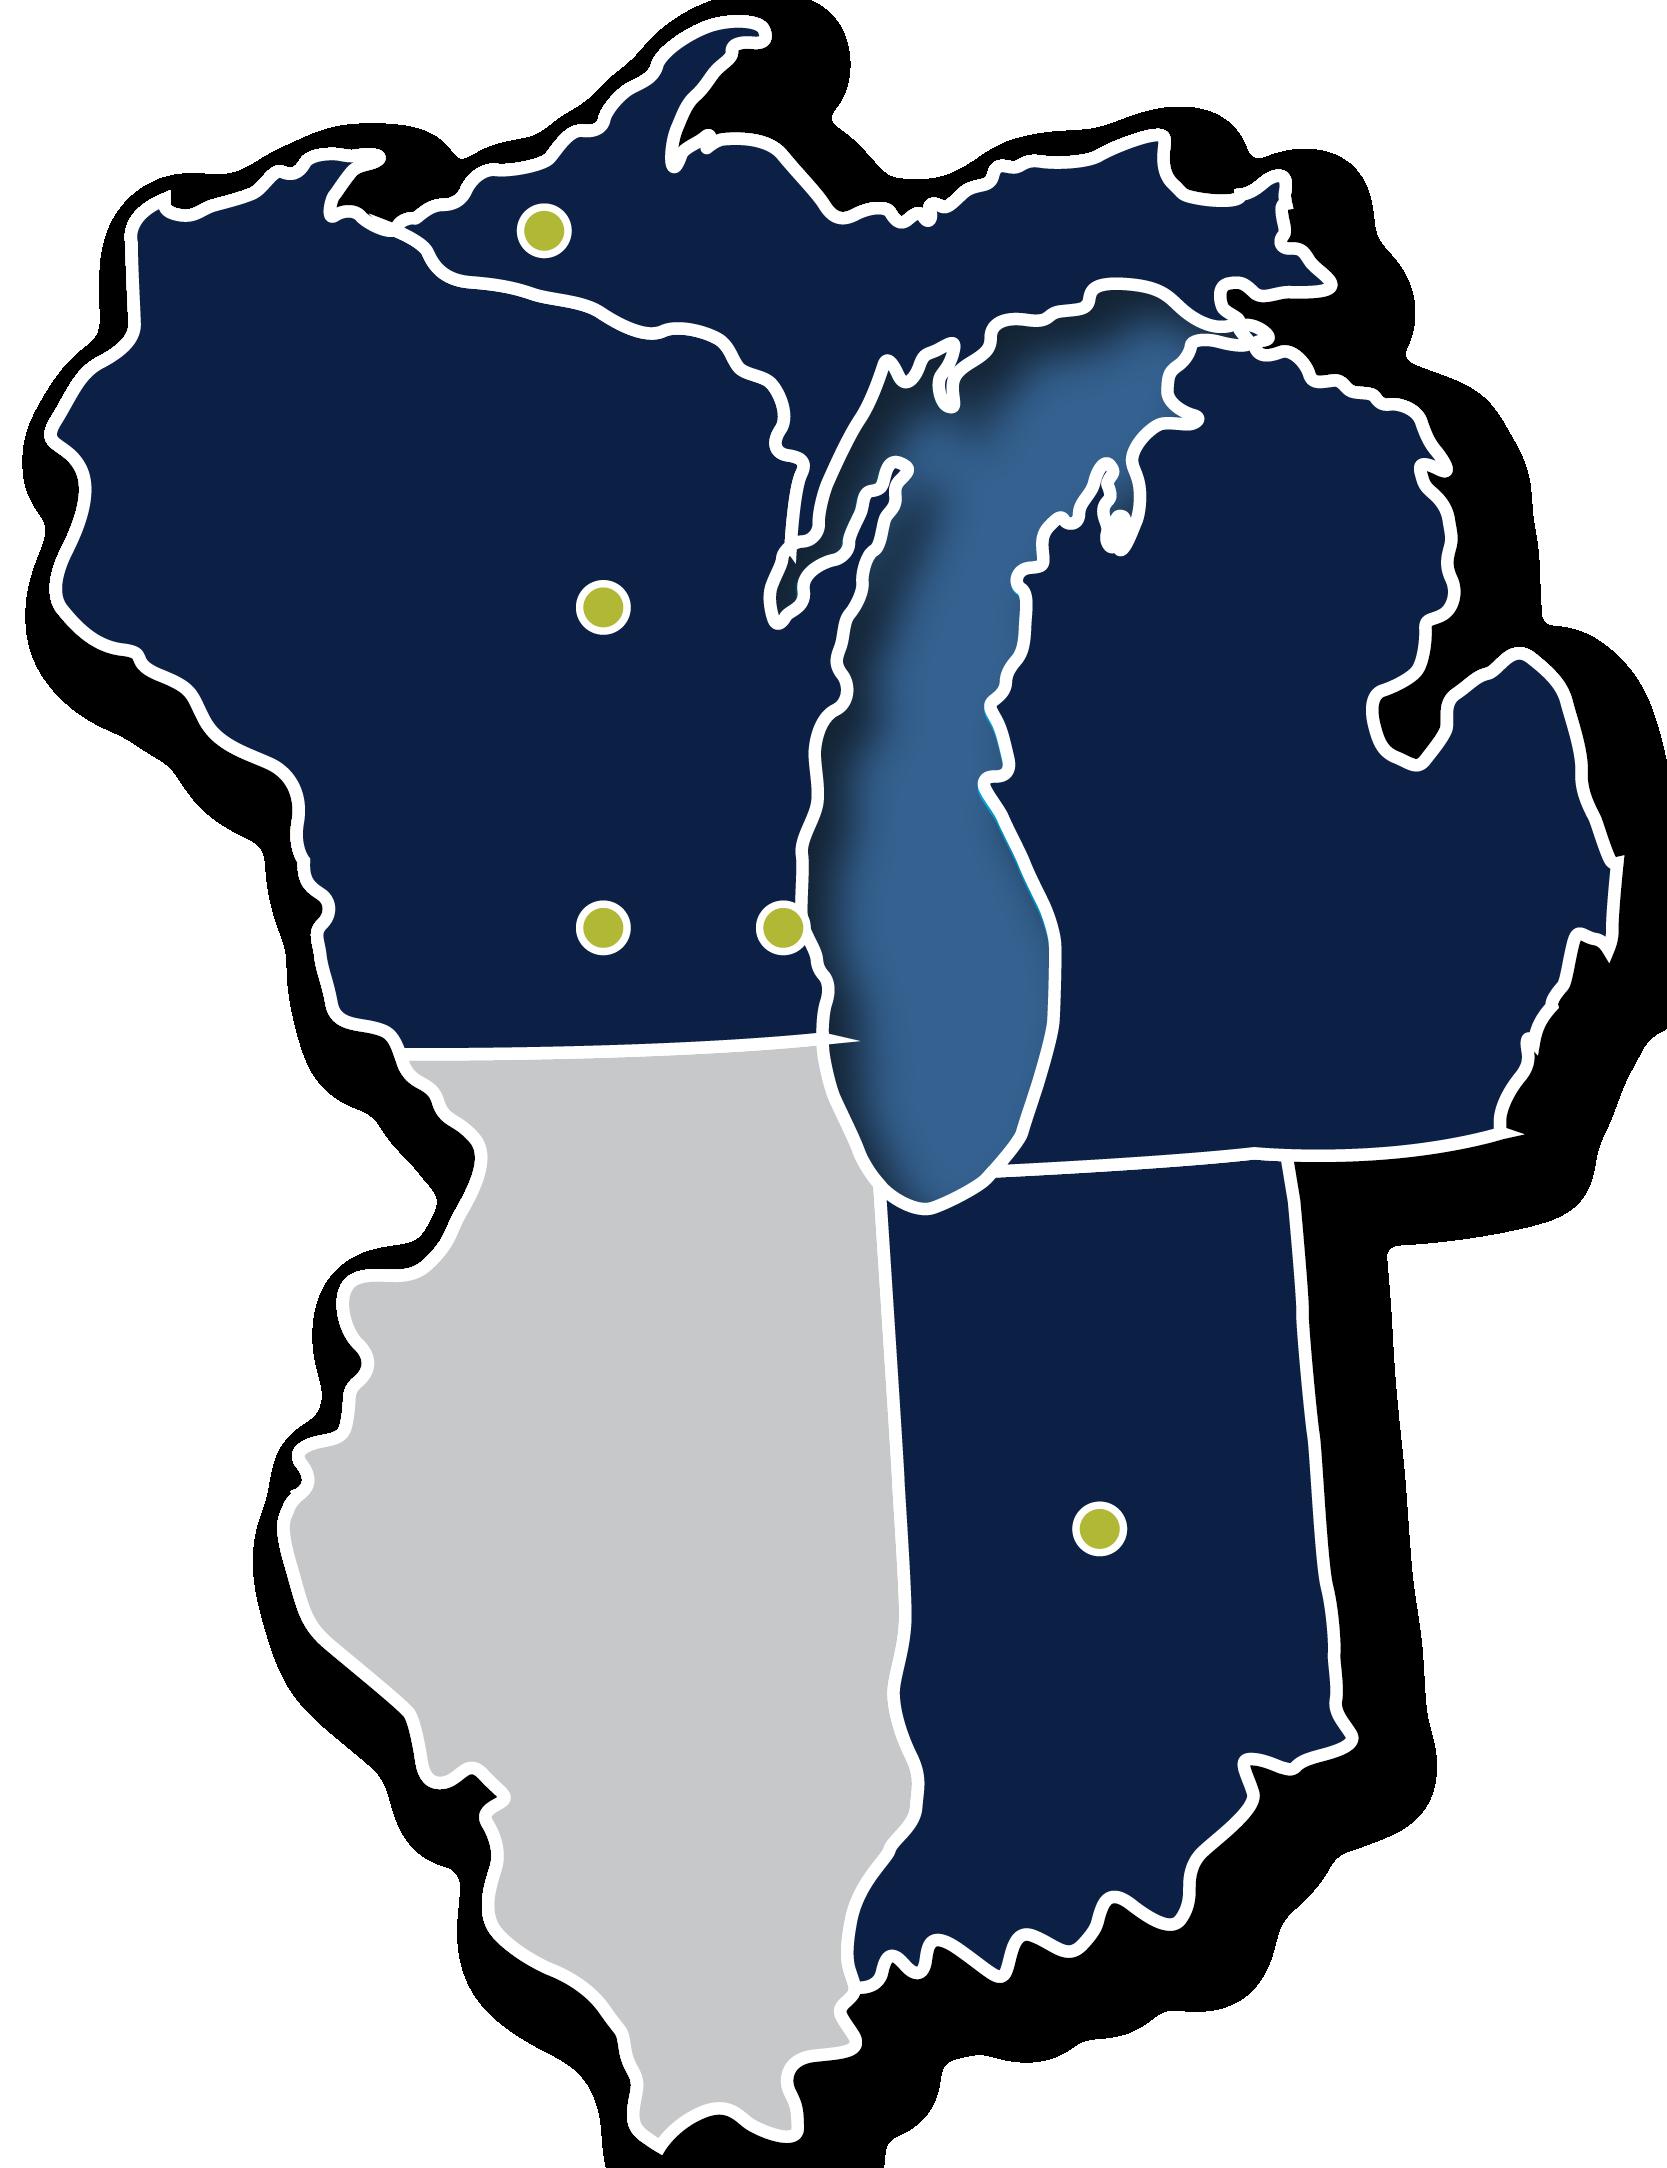 EMCS Location Map